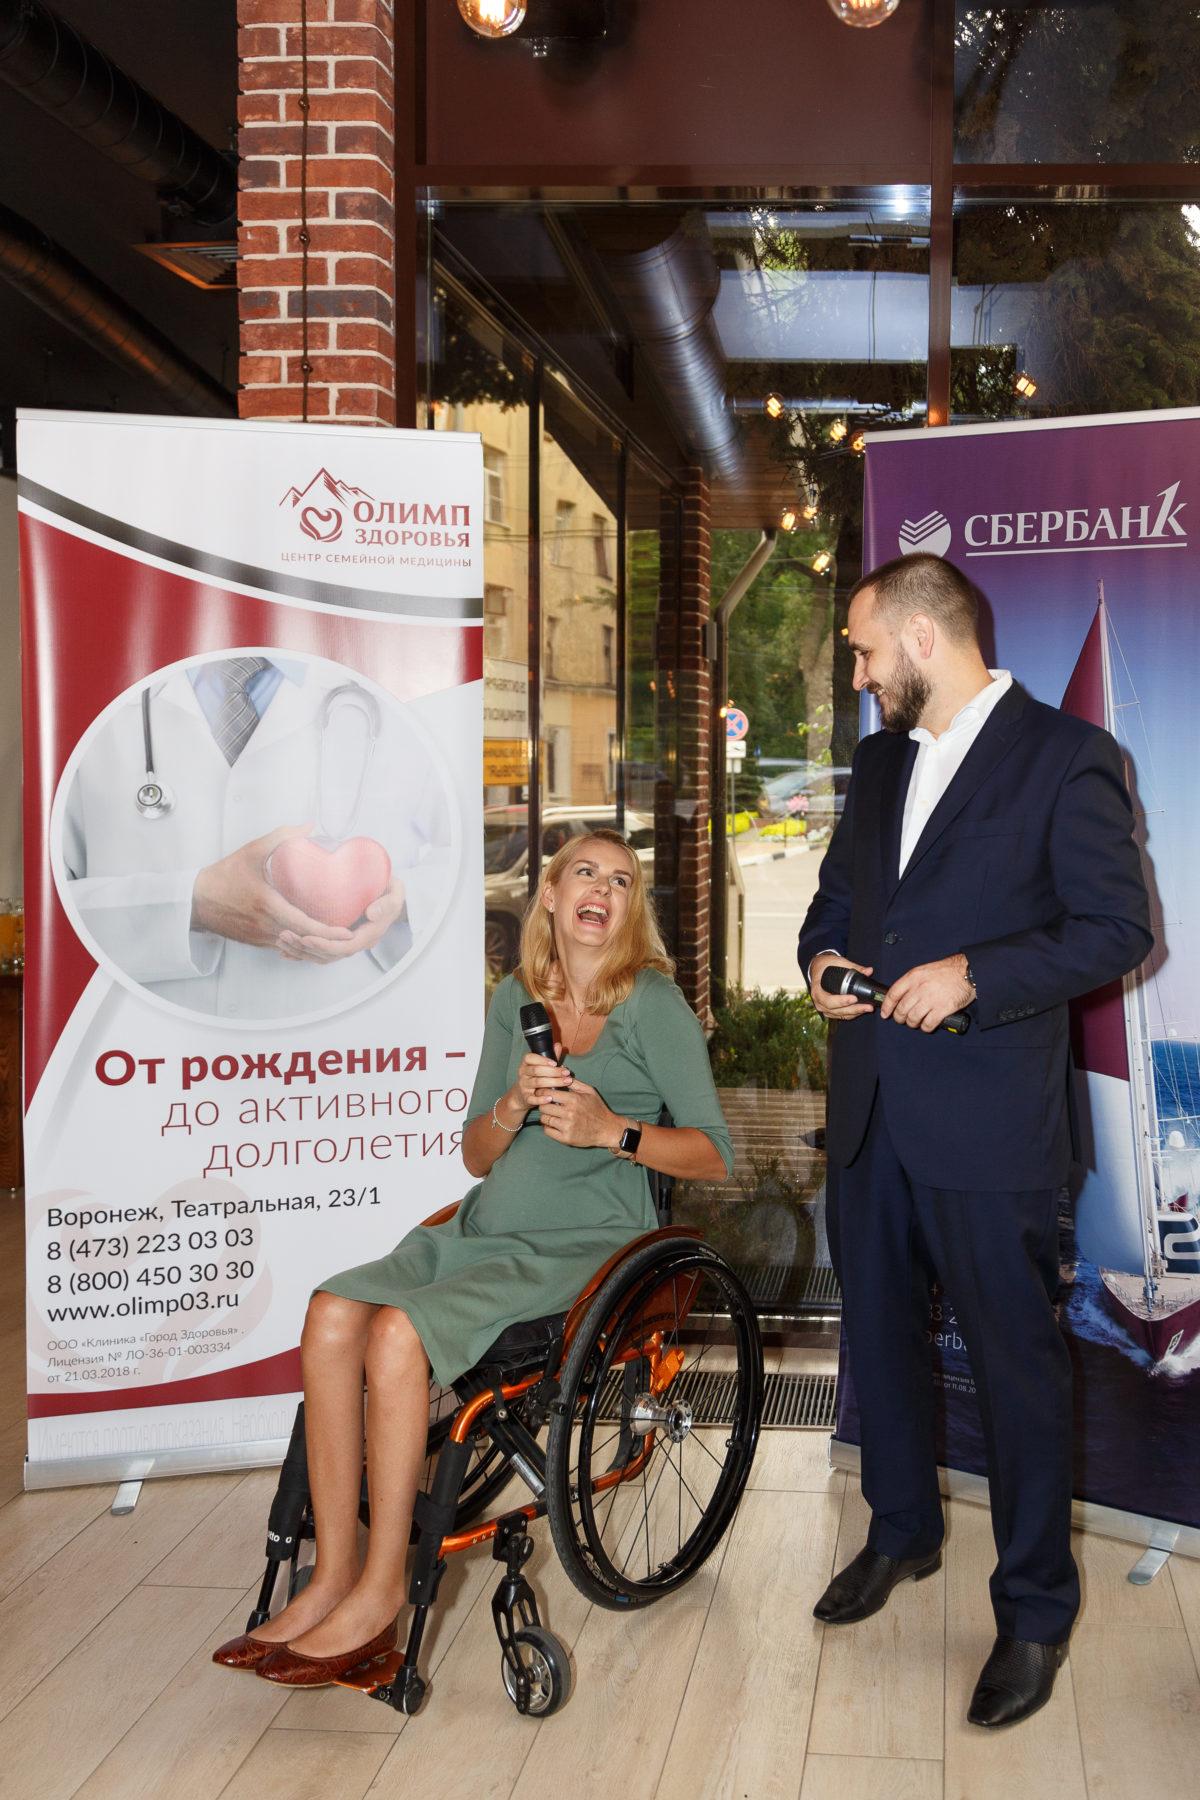 В «Олимпе Здоровья» состоялась встреча с Евгенией Воскобойниковой и клиентами «Сбербанк Первый»